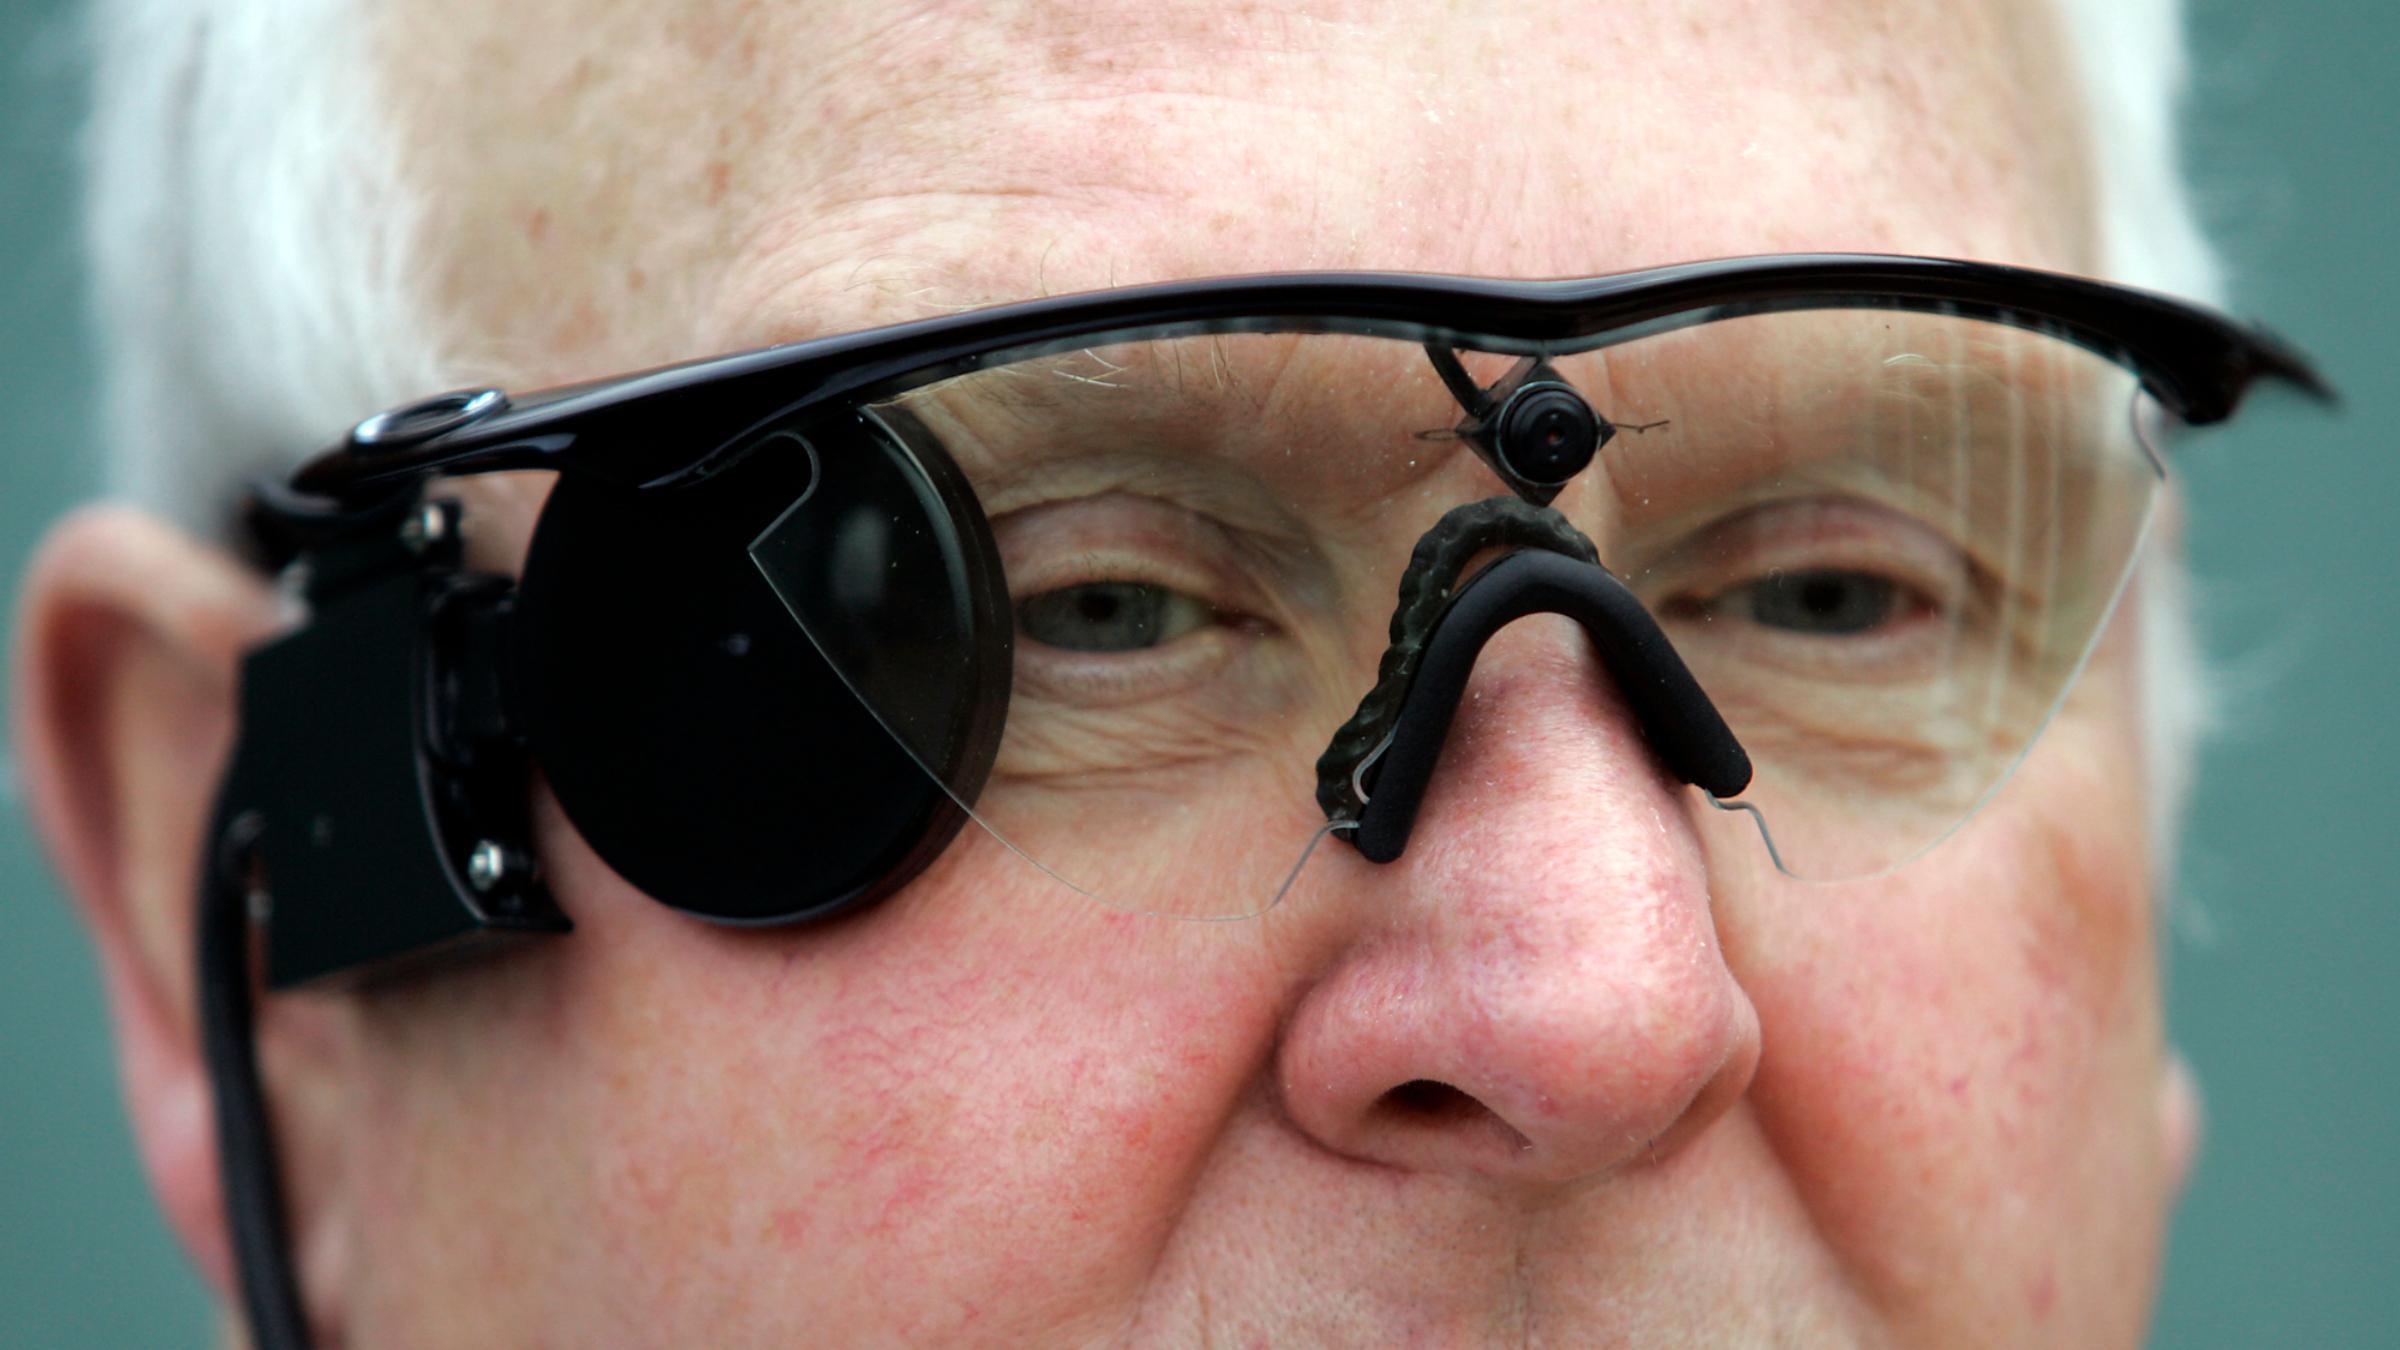 Бионический глаз впервые установили пациенту с макулярной дегенерацией